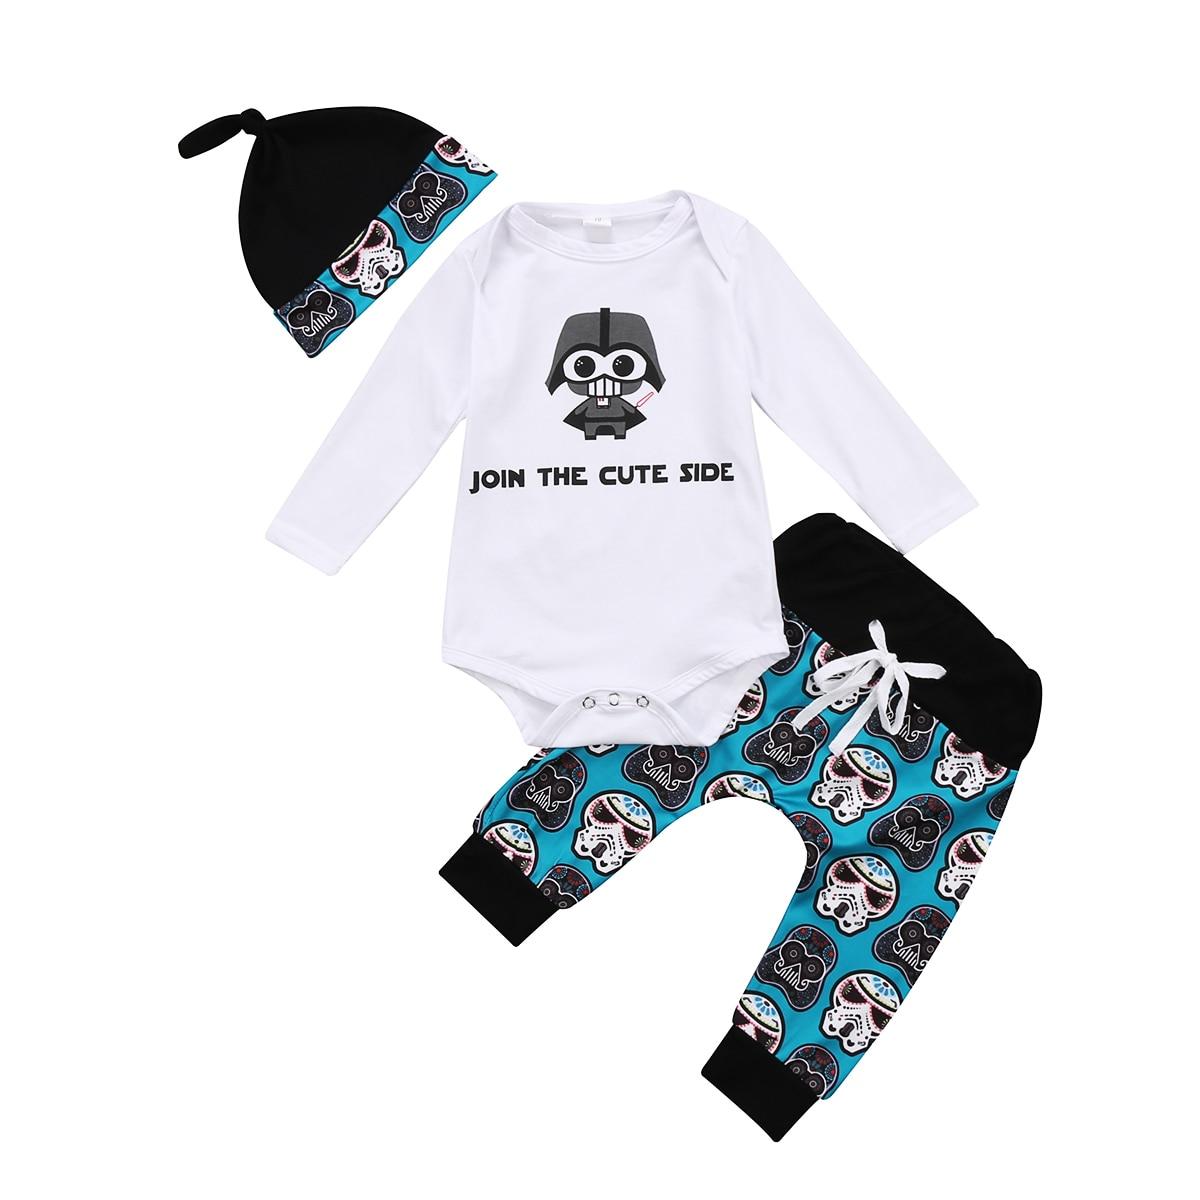 0-18 Mt Cartoon Neugeborenen Baby Junge Mädchen Langarm Baumwolle Strampler Tops + Lange Hose Legging Hut 3 Stücke Outfits Kleidung Set Schnelle WäRmeableitung